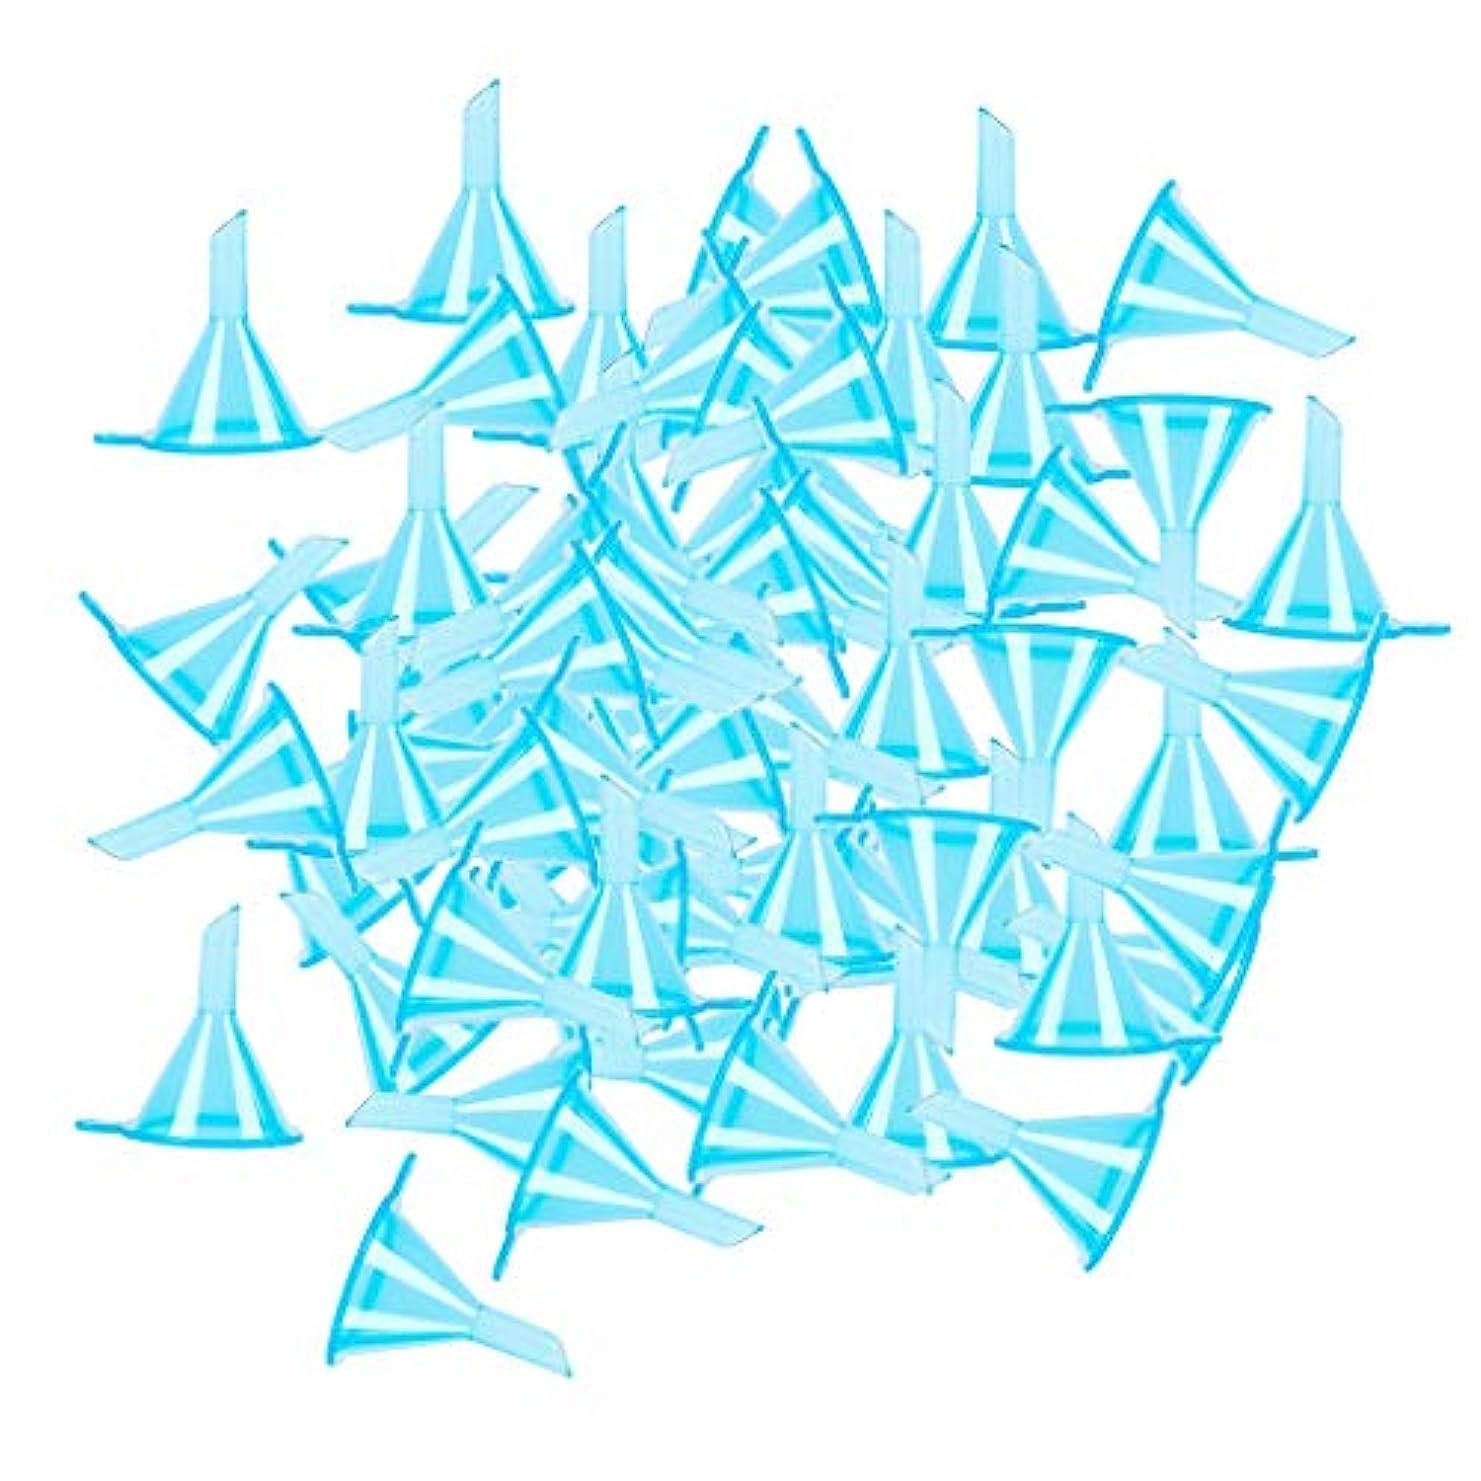 質素な担保抵抗力があるgazechimp ファンネル 漏斗 エッセンシャルオイル 香水ボトルのため 全100点 3カラー選ぶ - ブルー